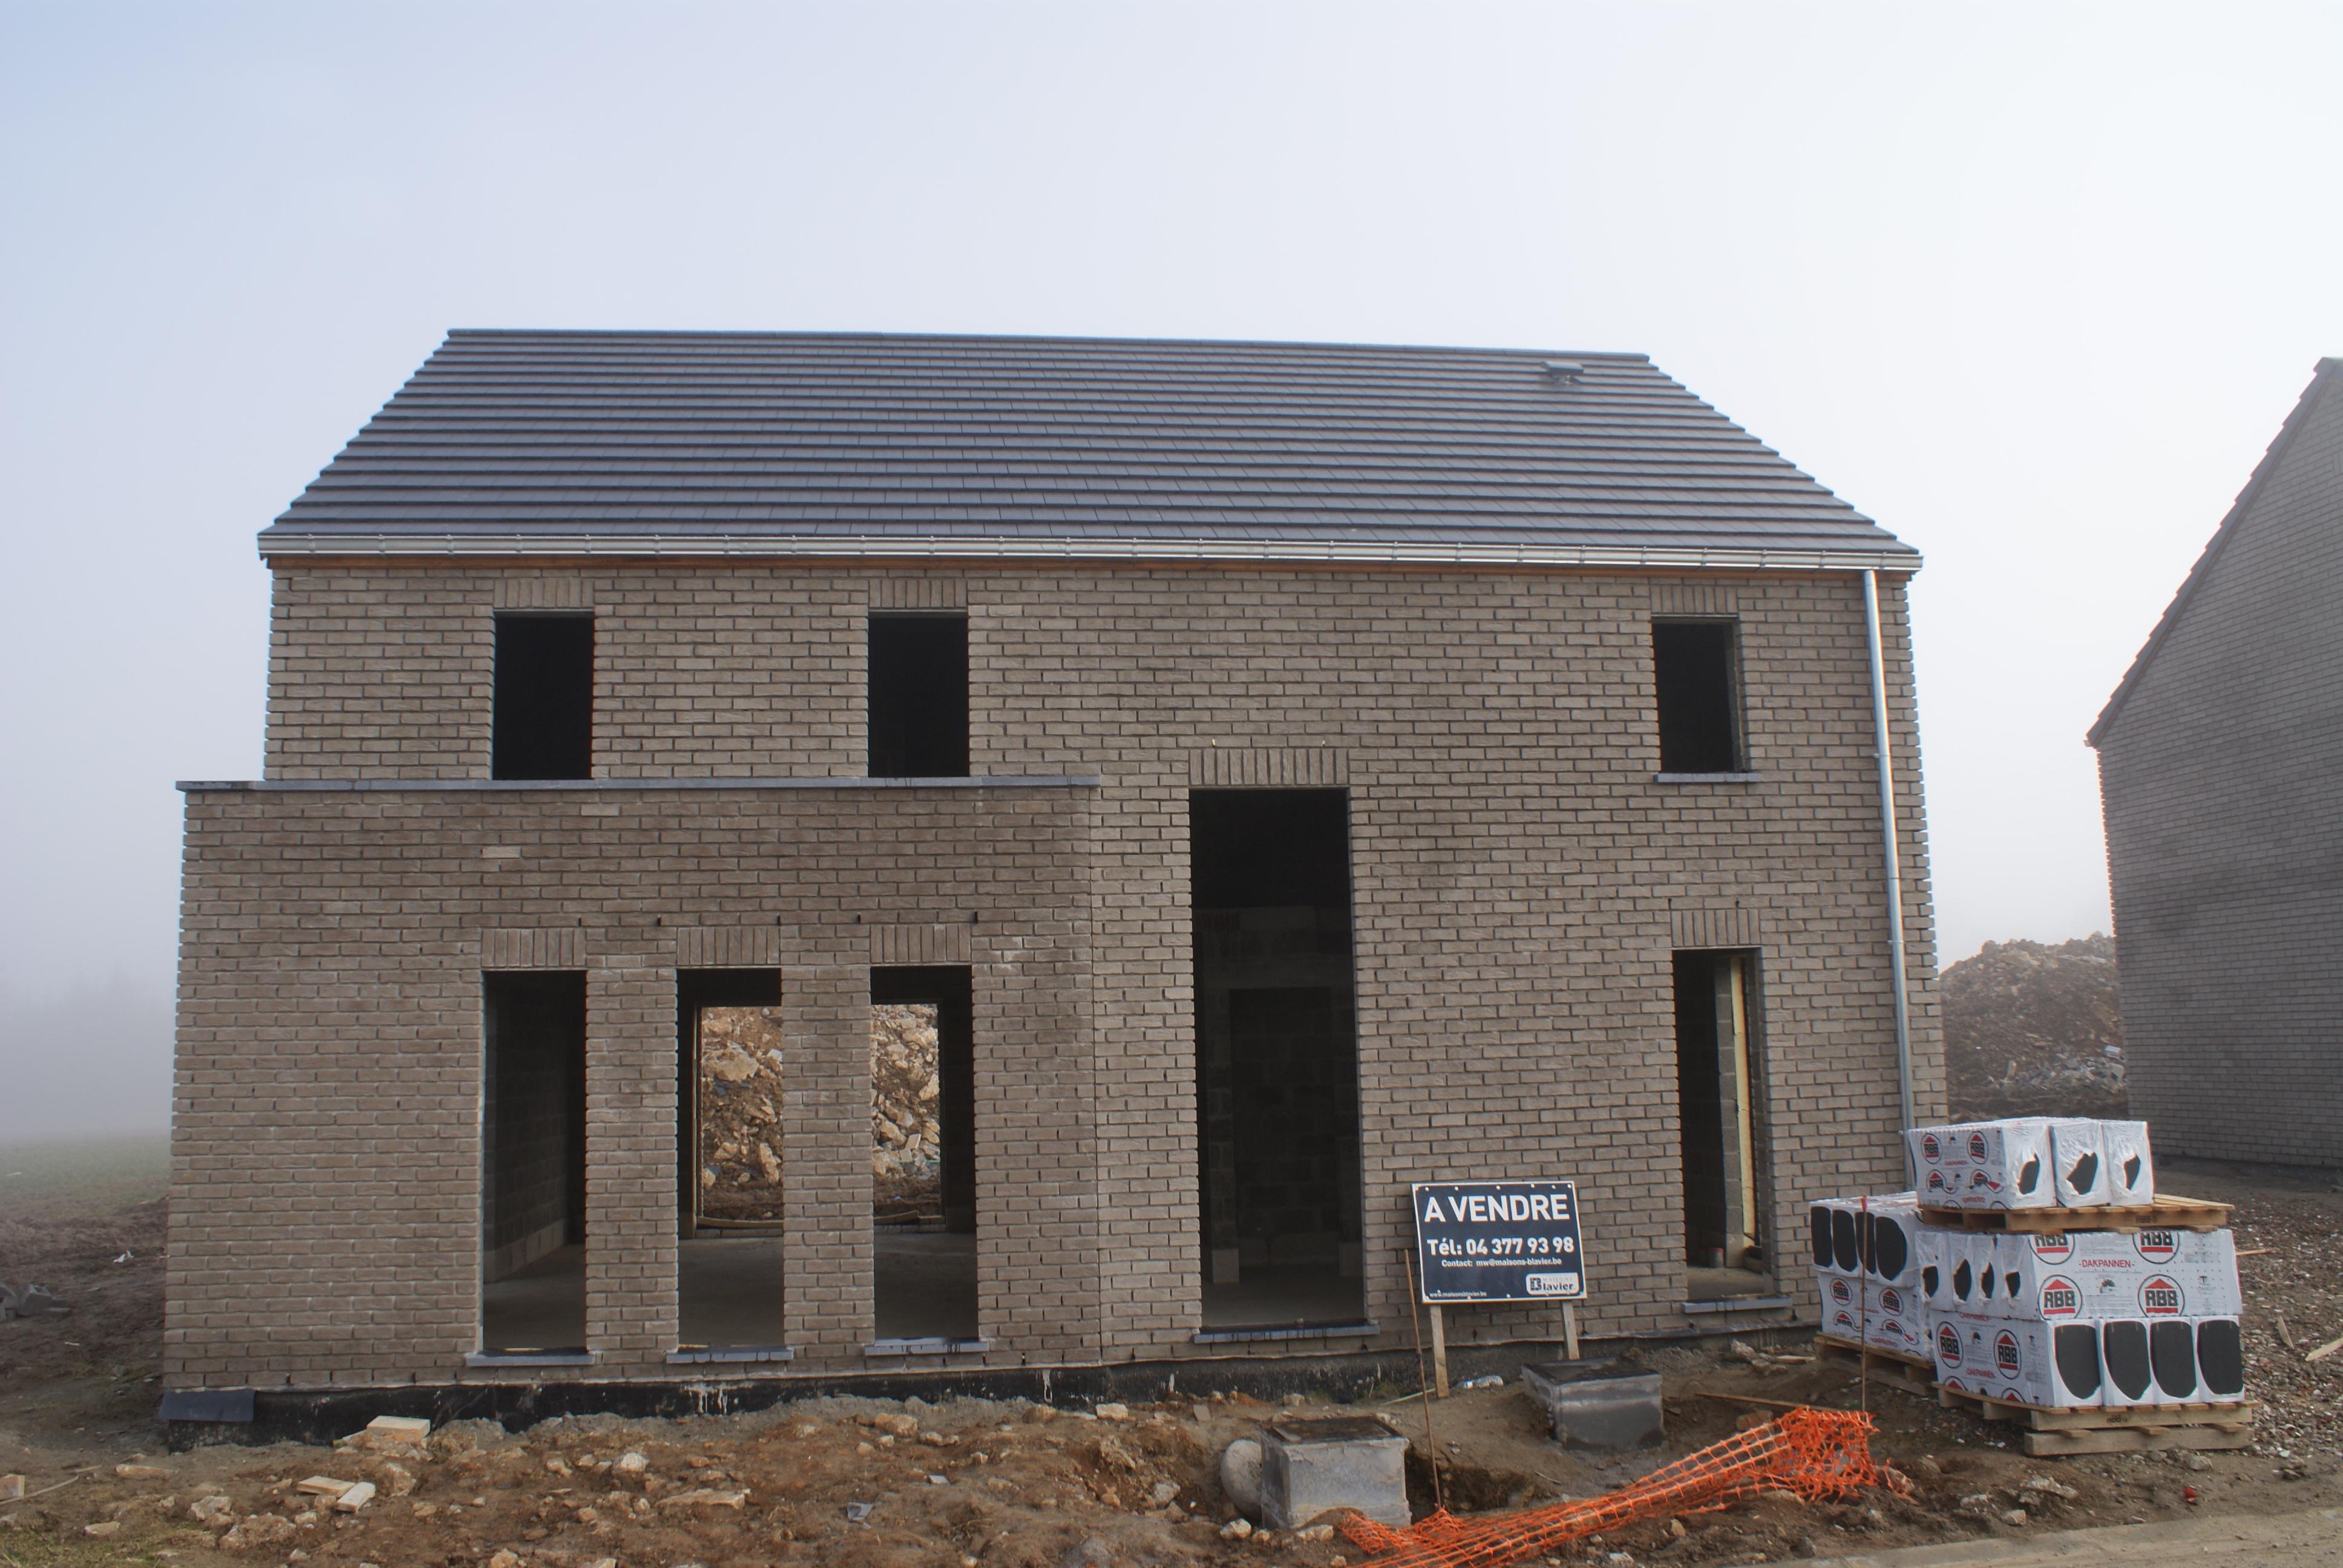 nouvelles photos des constructions de gochen e 07 03 15 conseil b le financement. Black Bedroom Furniture Sets. Home Design Ideas